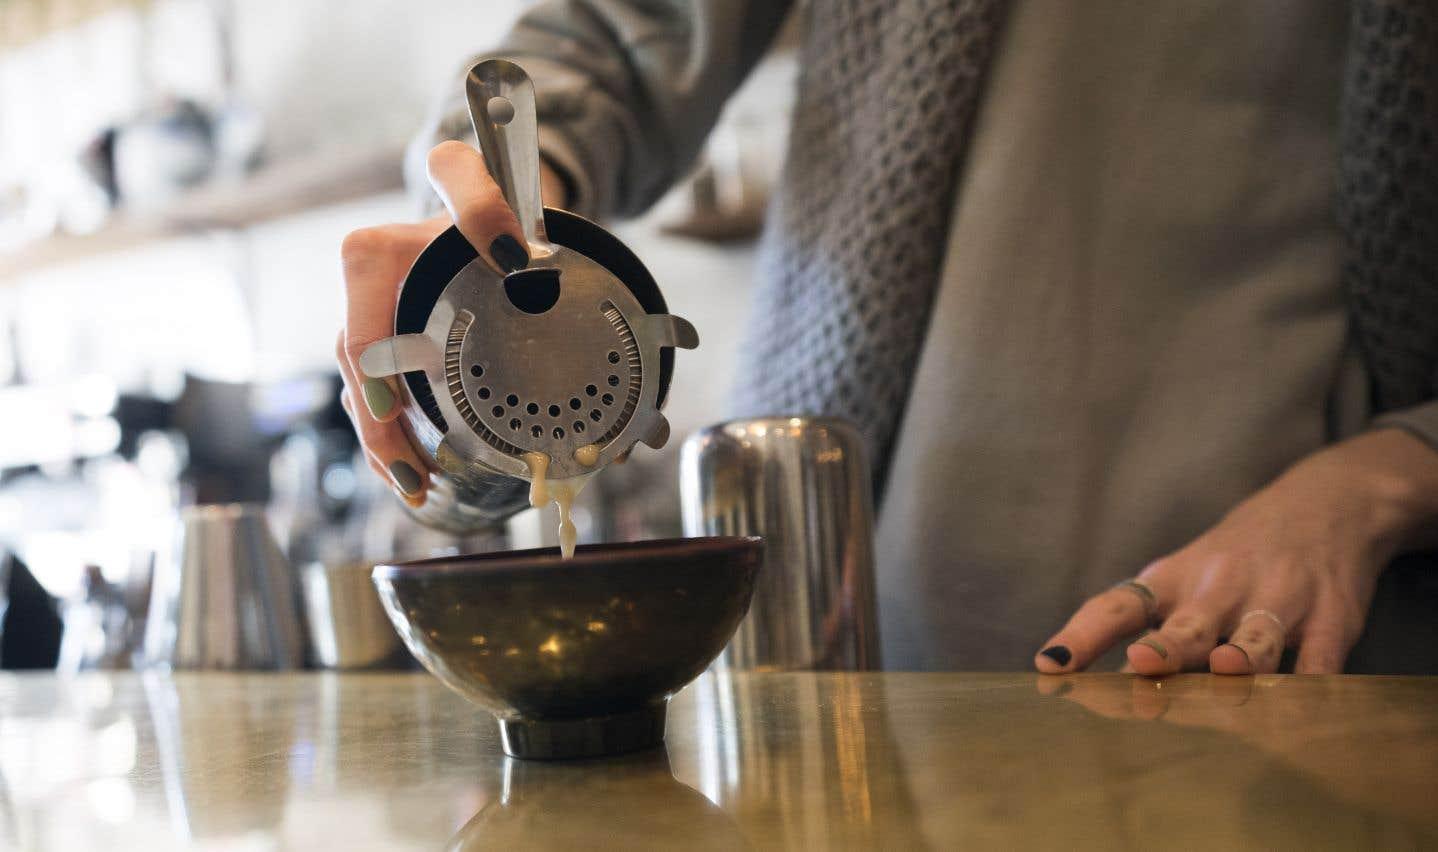 Les effets relaxants et euphorisants du kava sont de plus en plus demandés dans une ville bruyante et stressante comme New York.